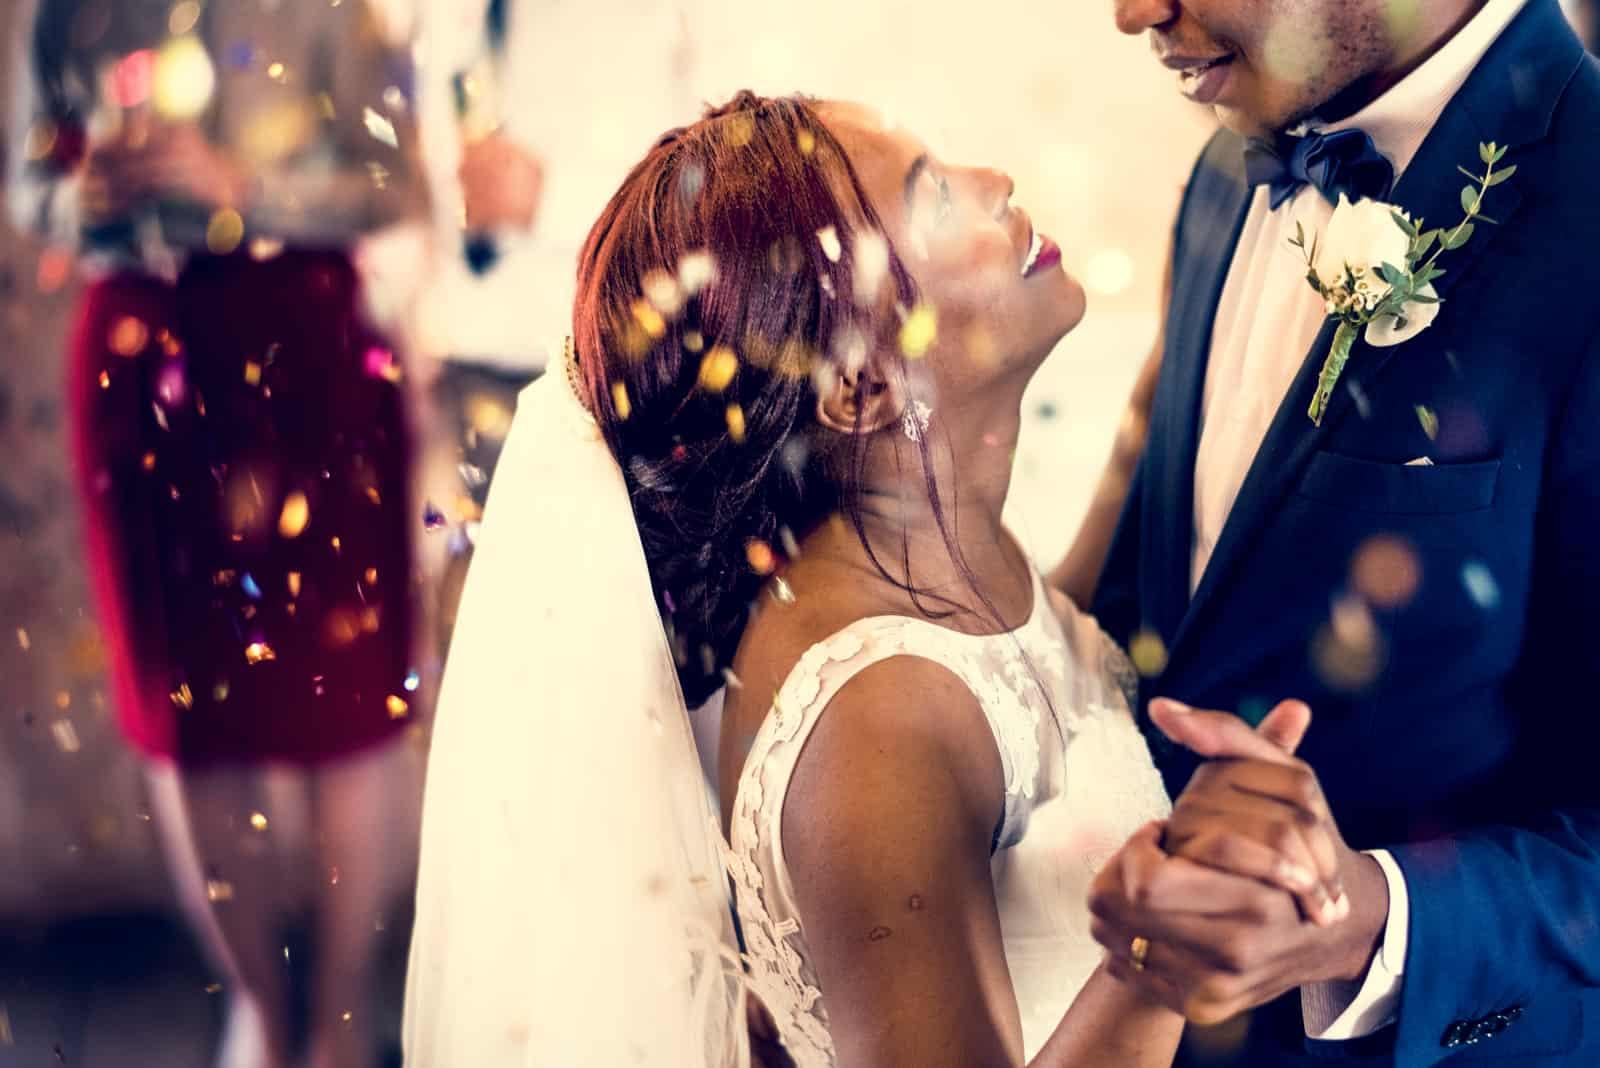 Jungvermählte afrikanische Abstammung Paar tanzen Hochzeitsfeier